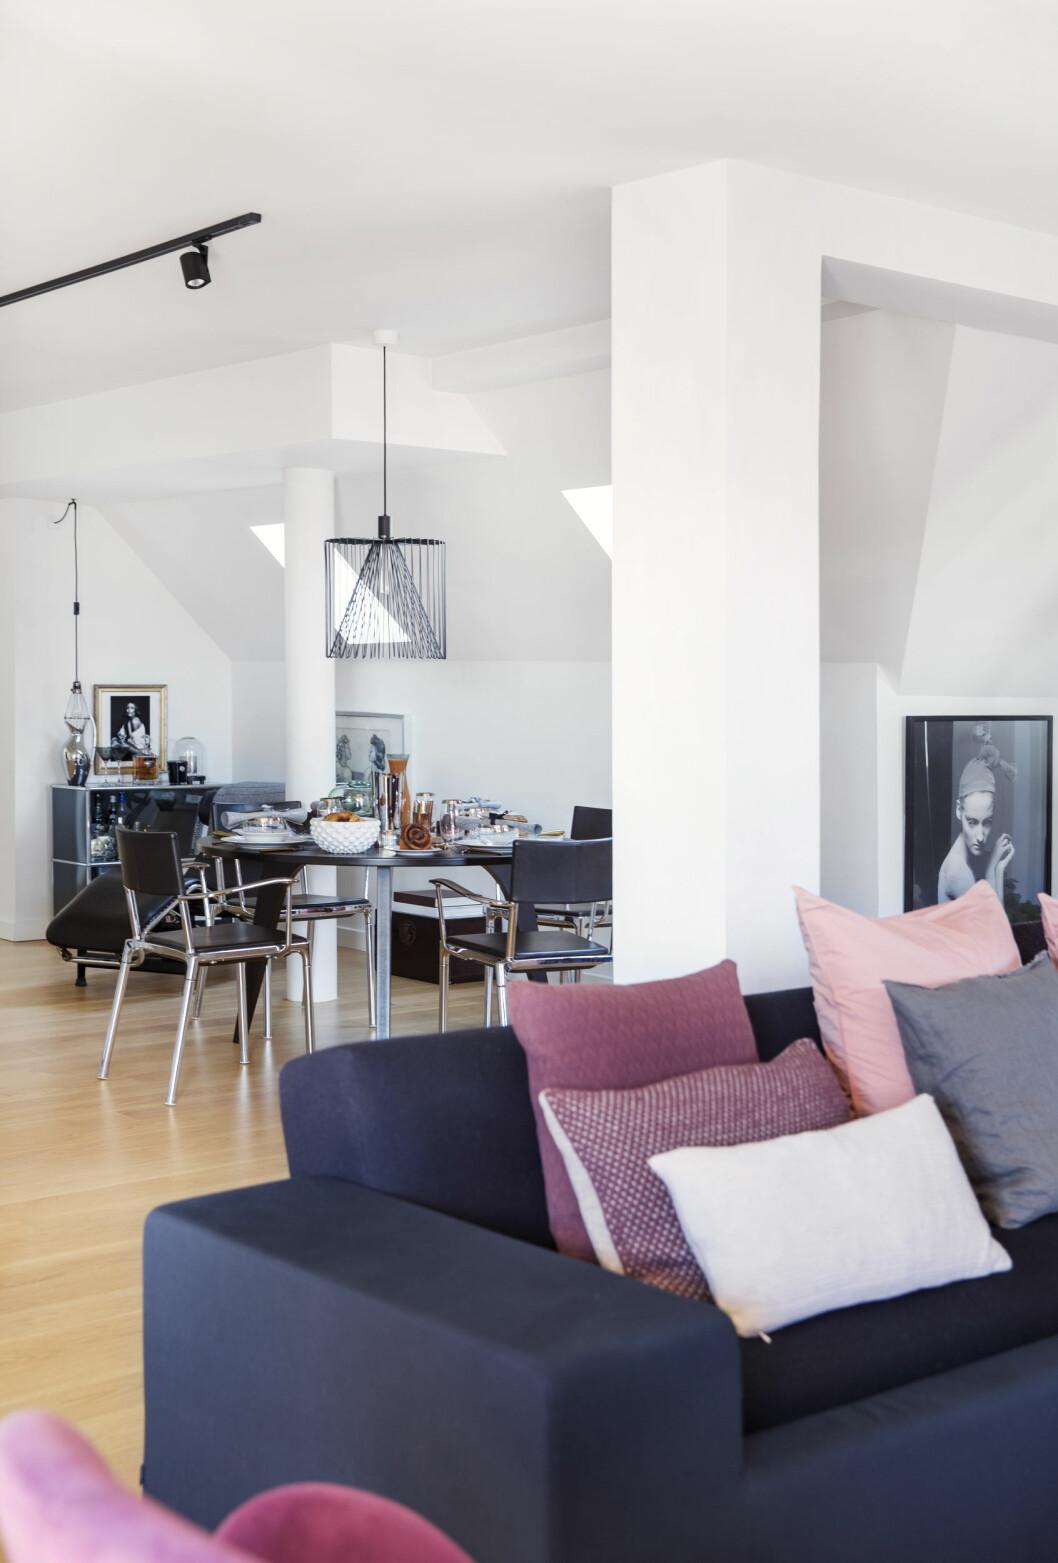 ÅPENT: Lyset flytter fritt i den åpne leiligheten. Foto: Yvonne Wilhelmsen